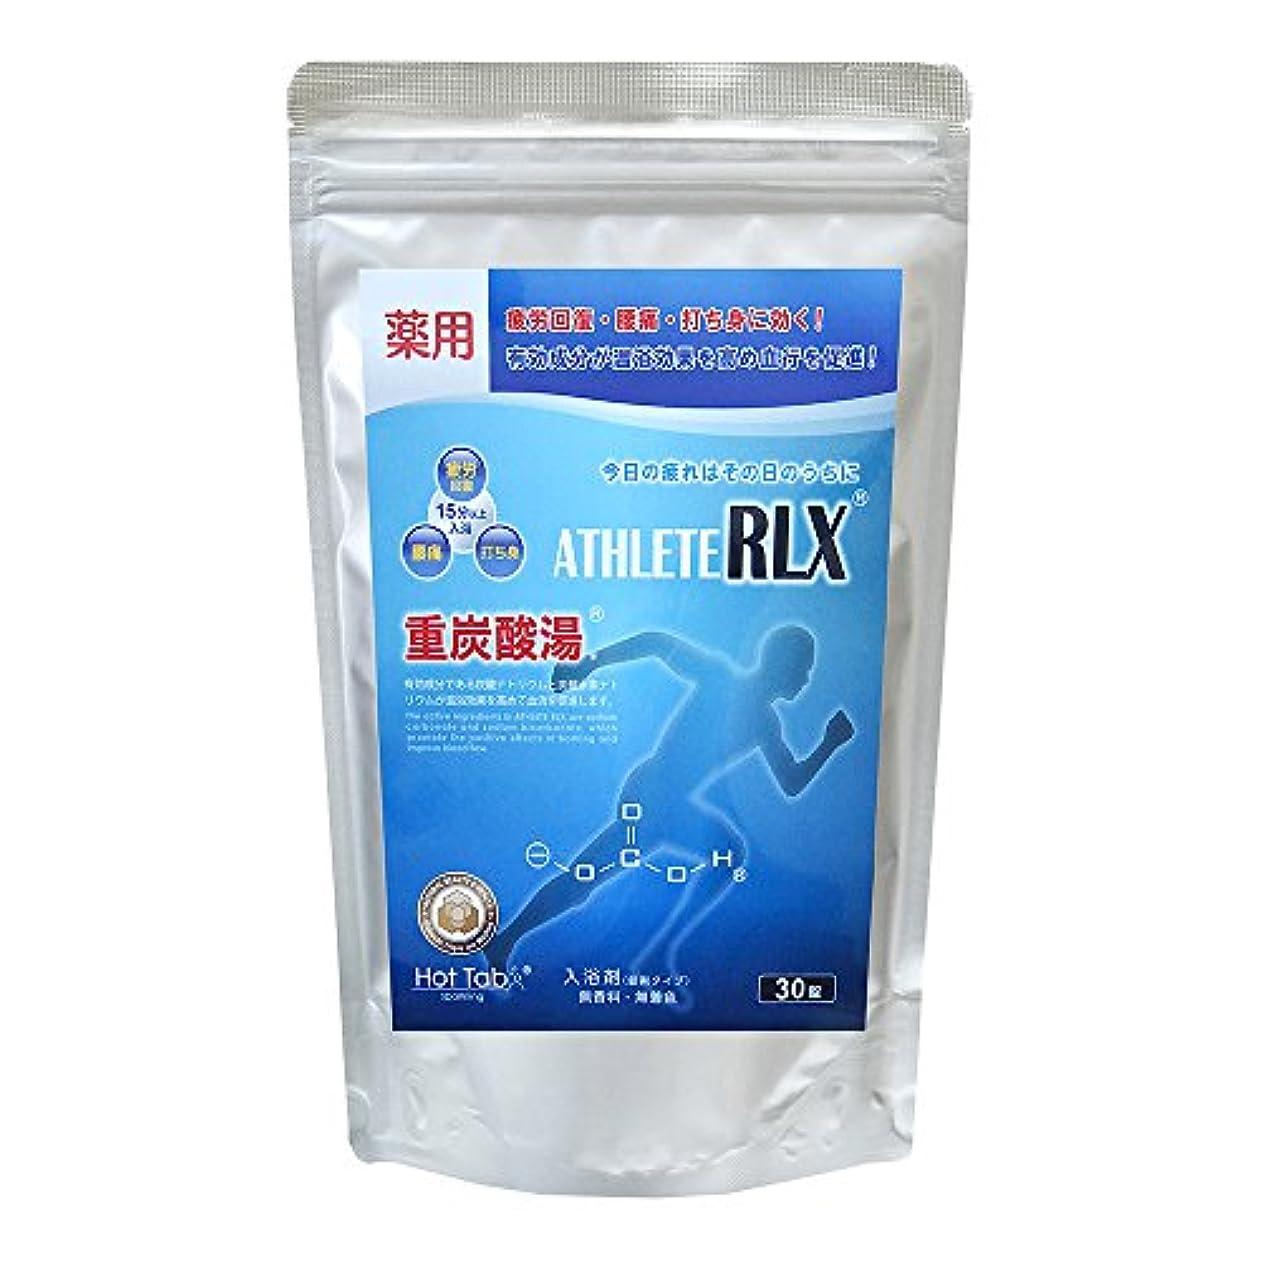 クラッシュ砂の誓うホットアルバムコム ATHLETE RLX(アスリートRLX) 薬用 30錠入り